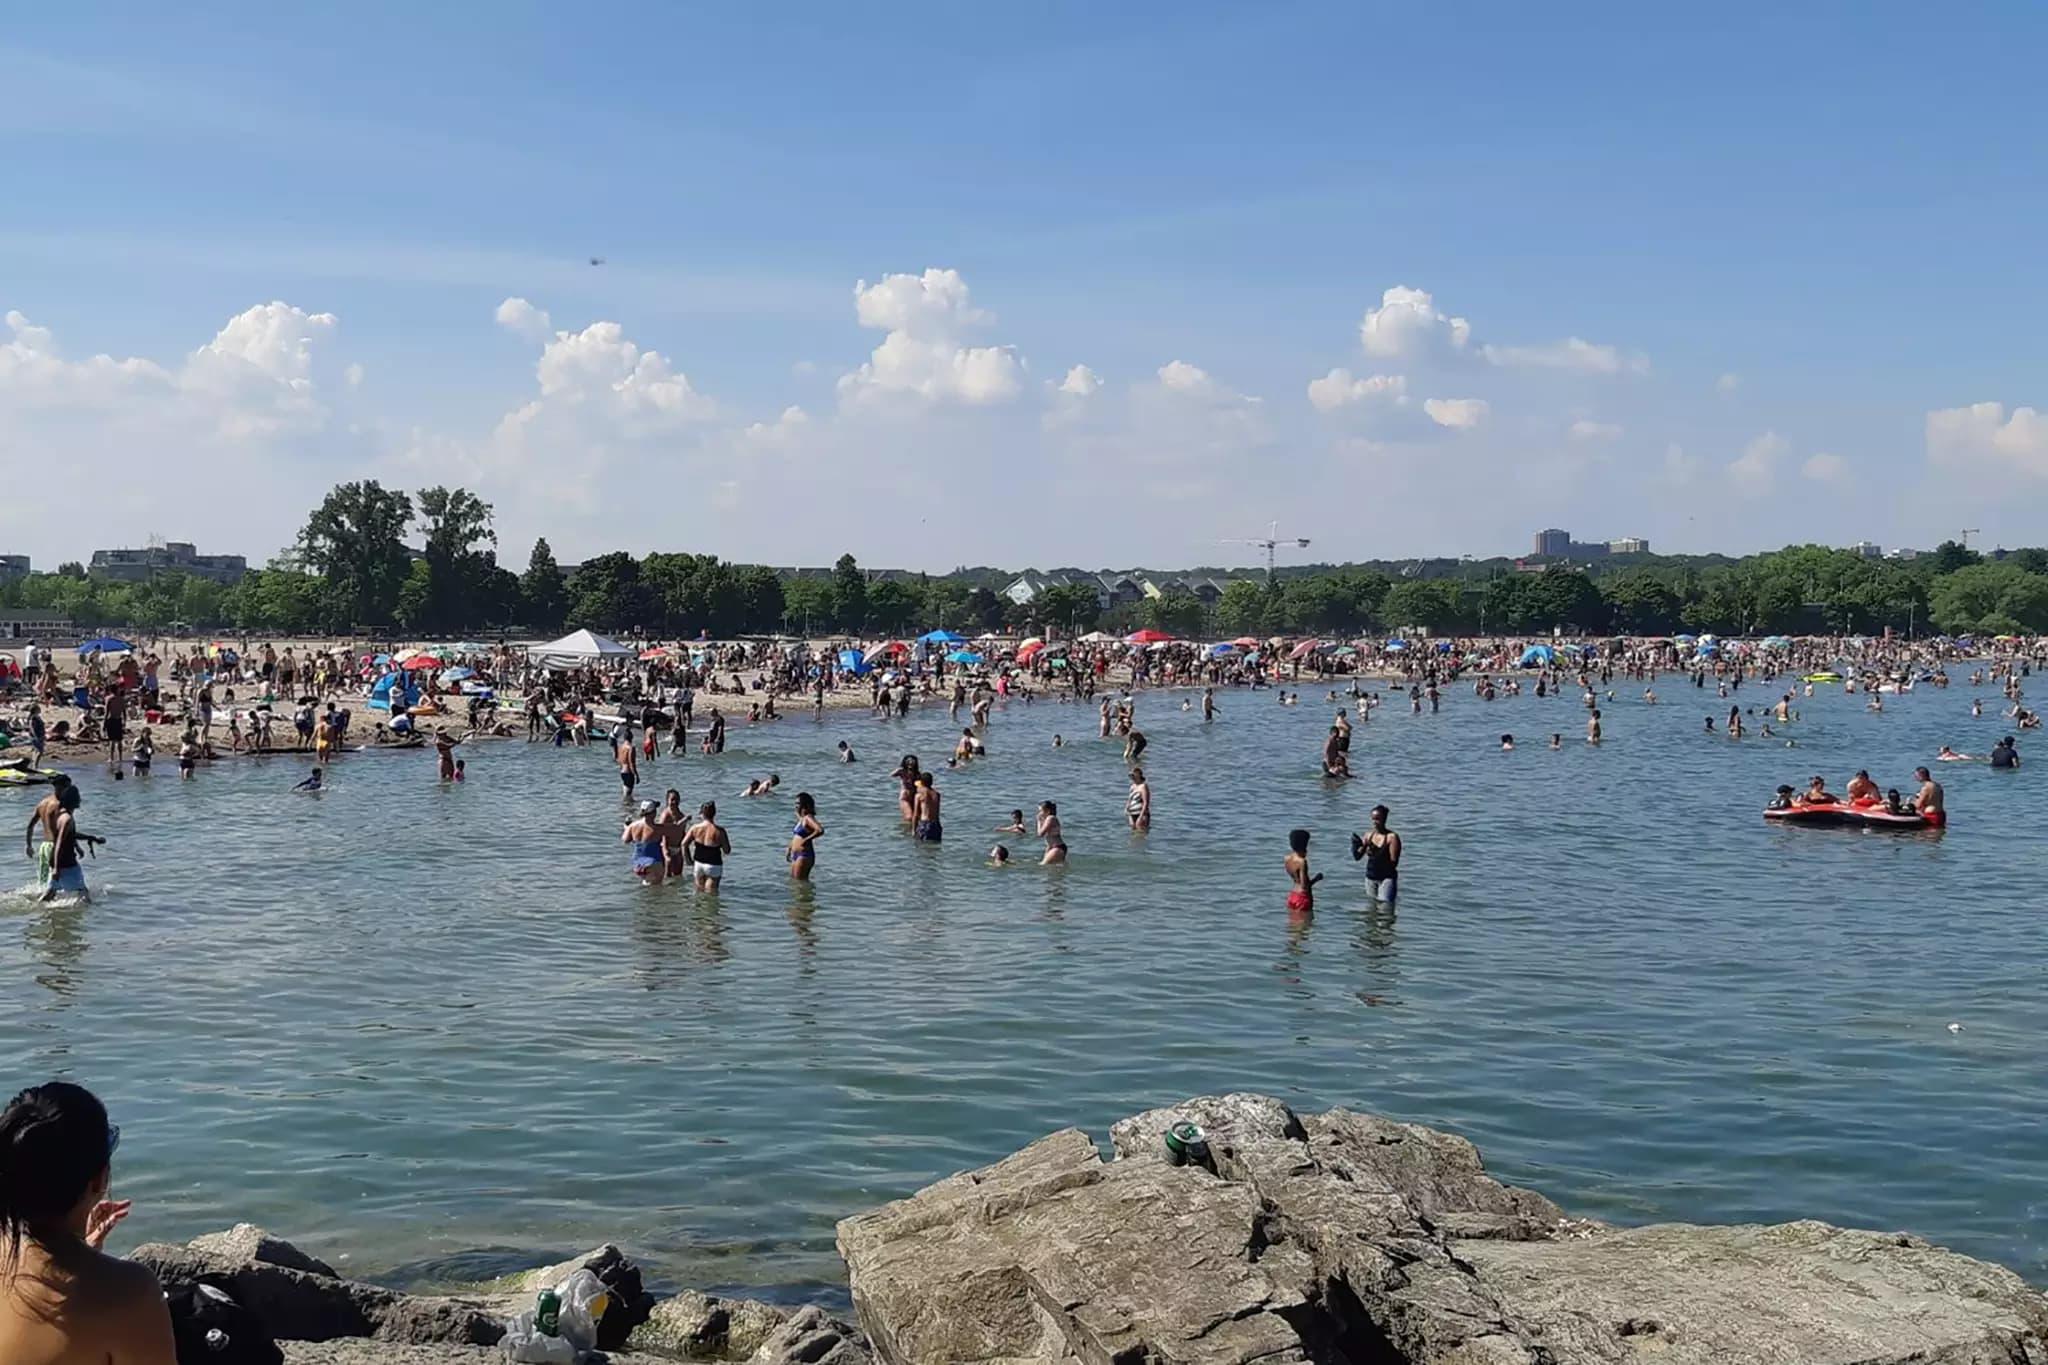 تورنتوئیها این آخر هفته ساحل وودباین را دیسکو کردند